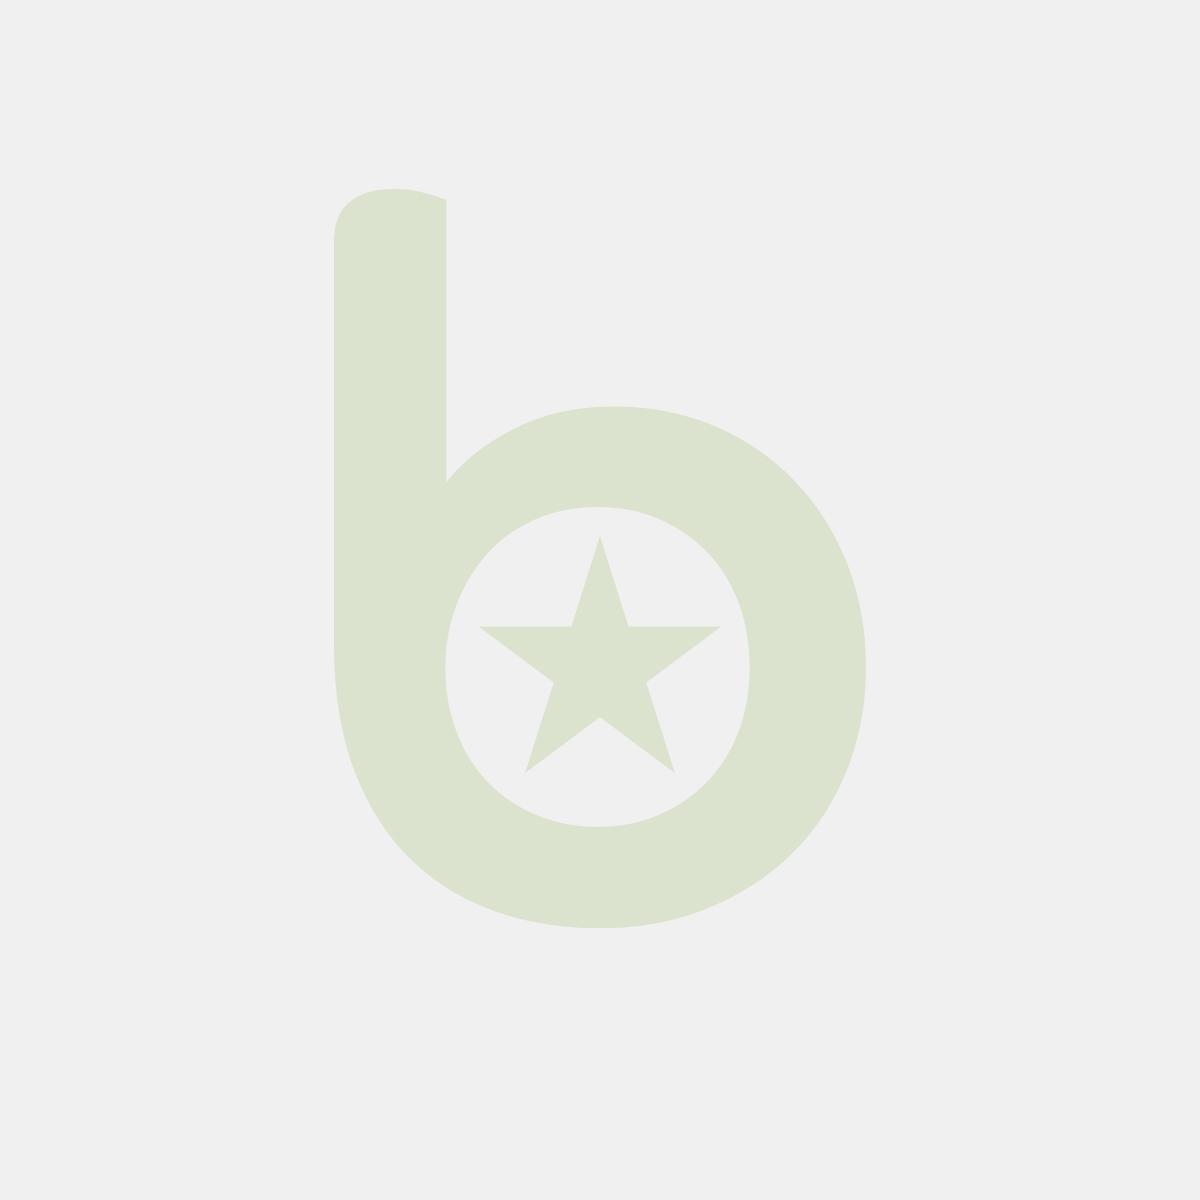 Serwetki PAPSTAR Royal Collection New Mediterran 40x40 c.zielelone opakowanie 50szt